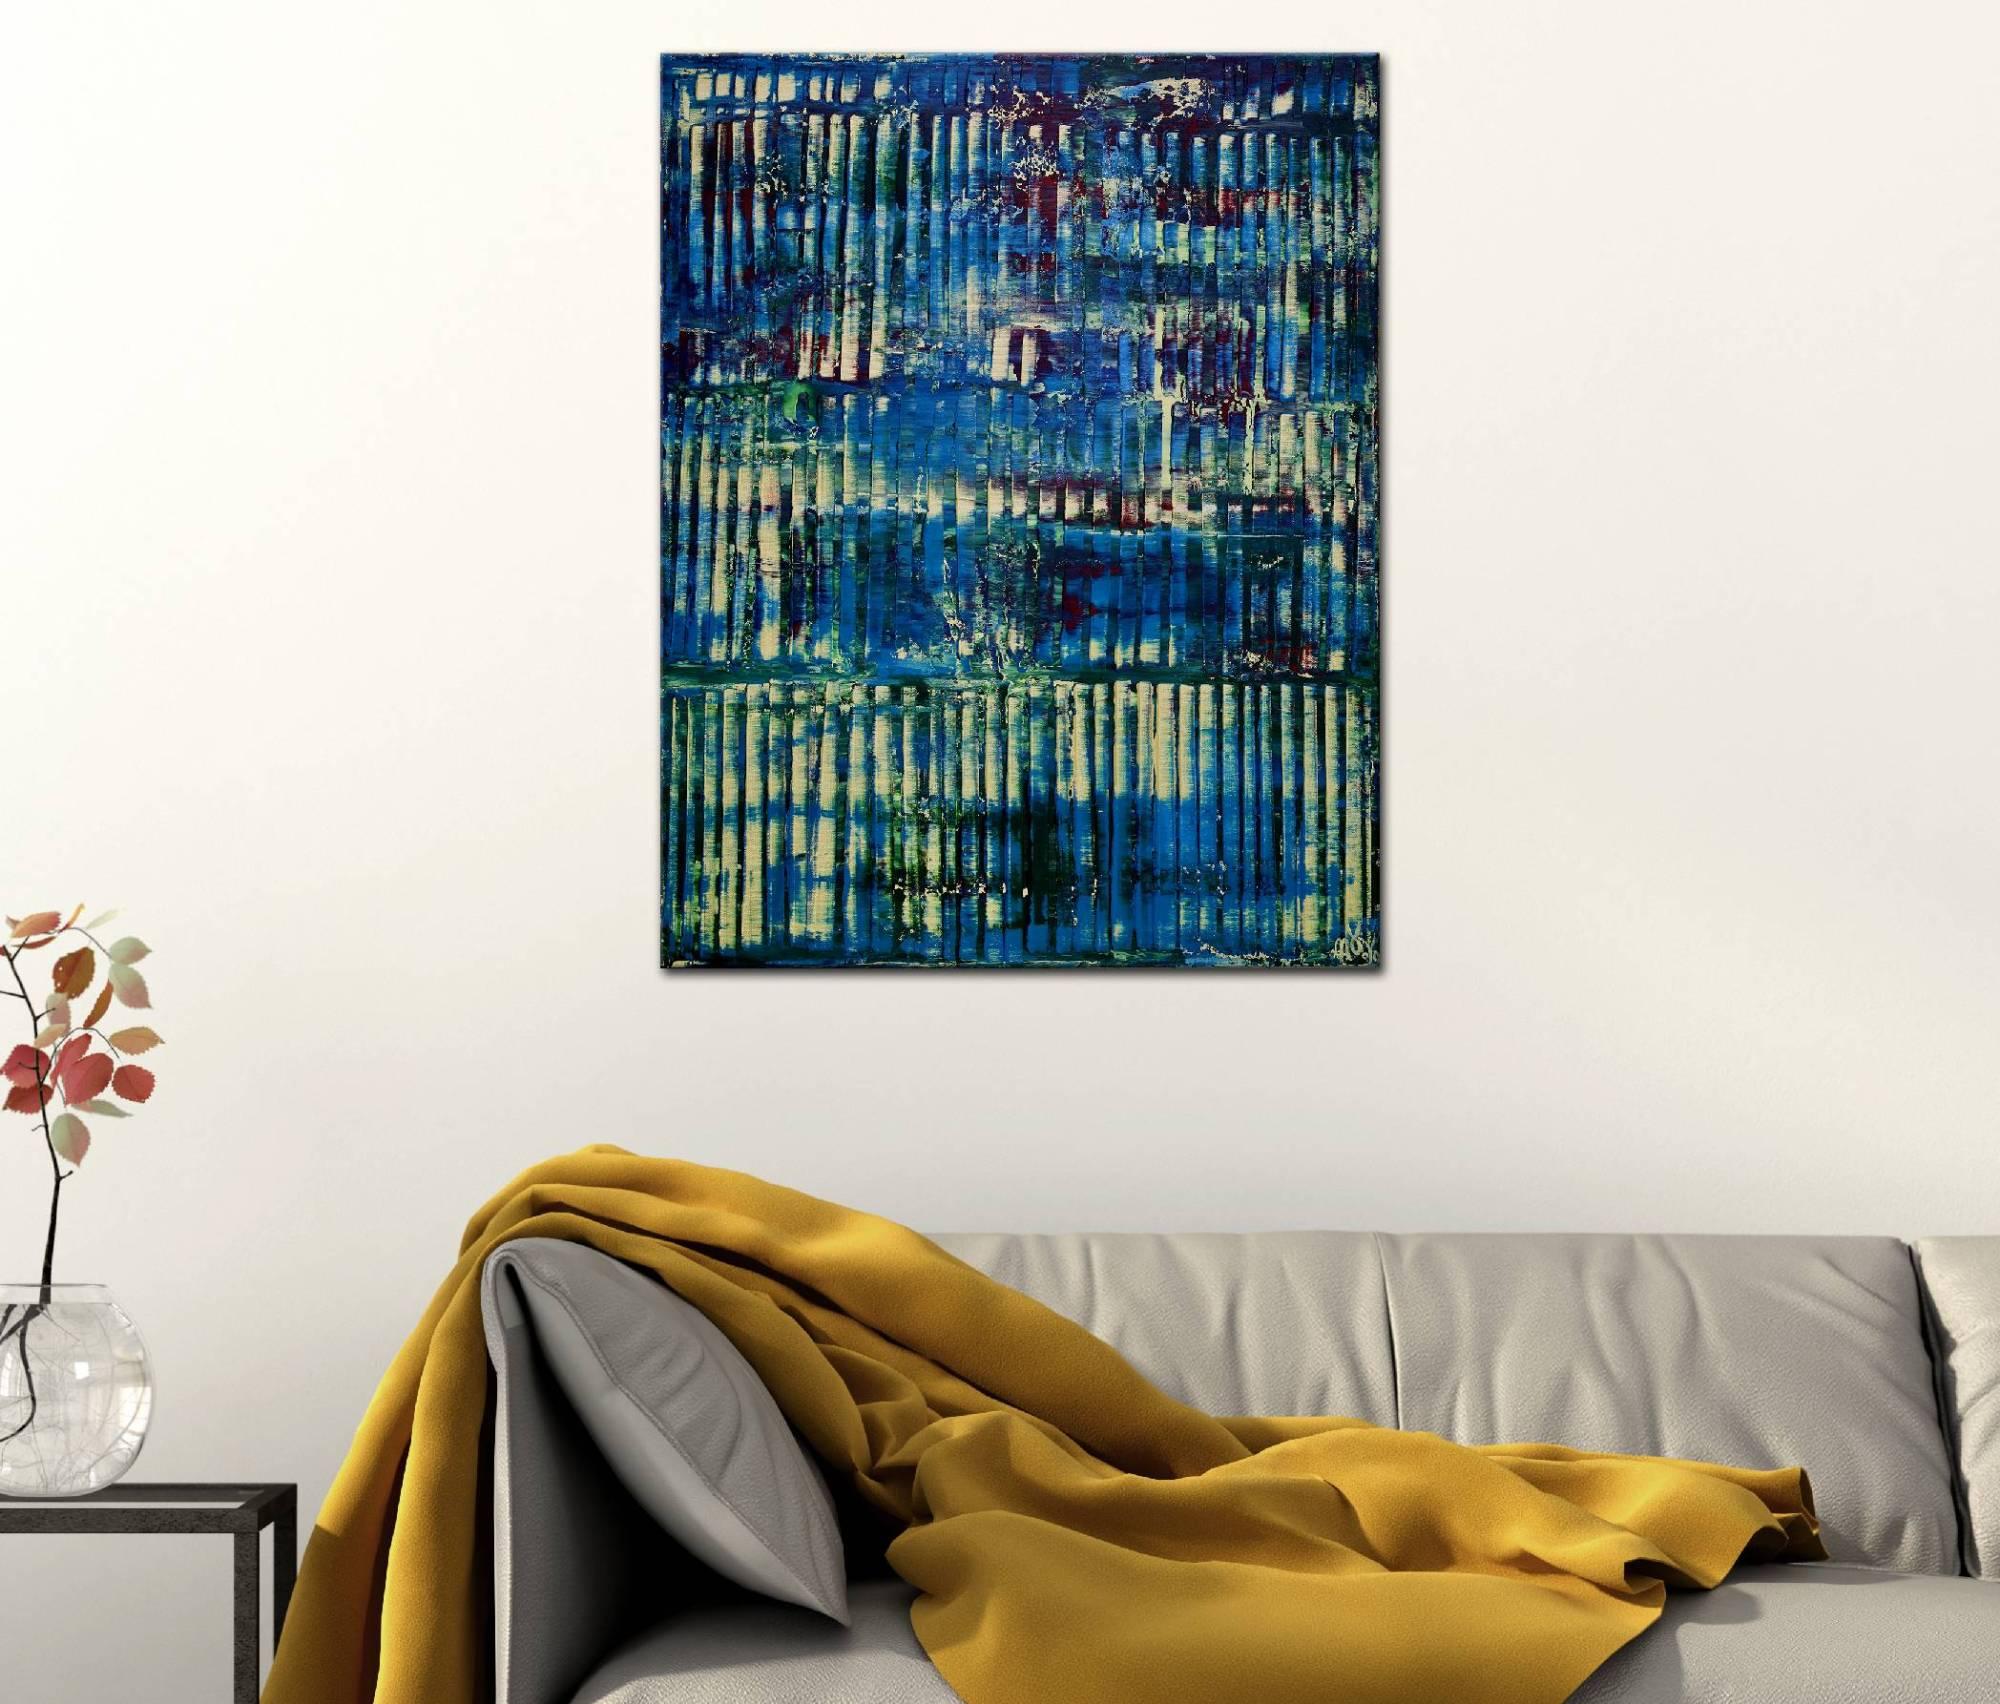 Azure panorama (Golden lights) by Nestor Toro